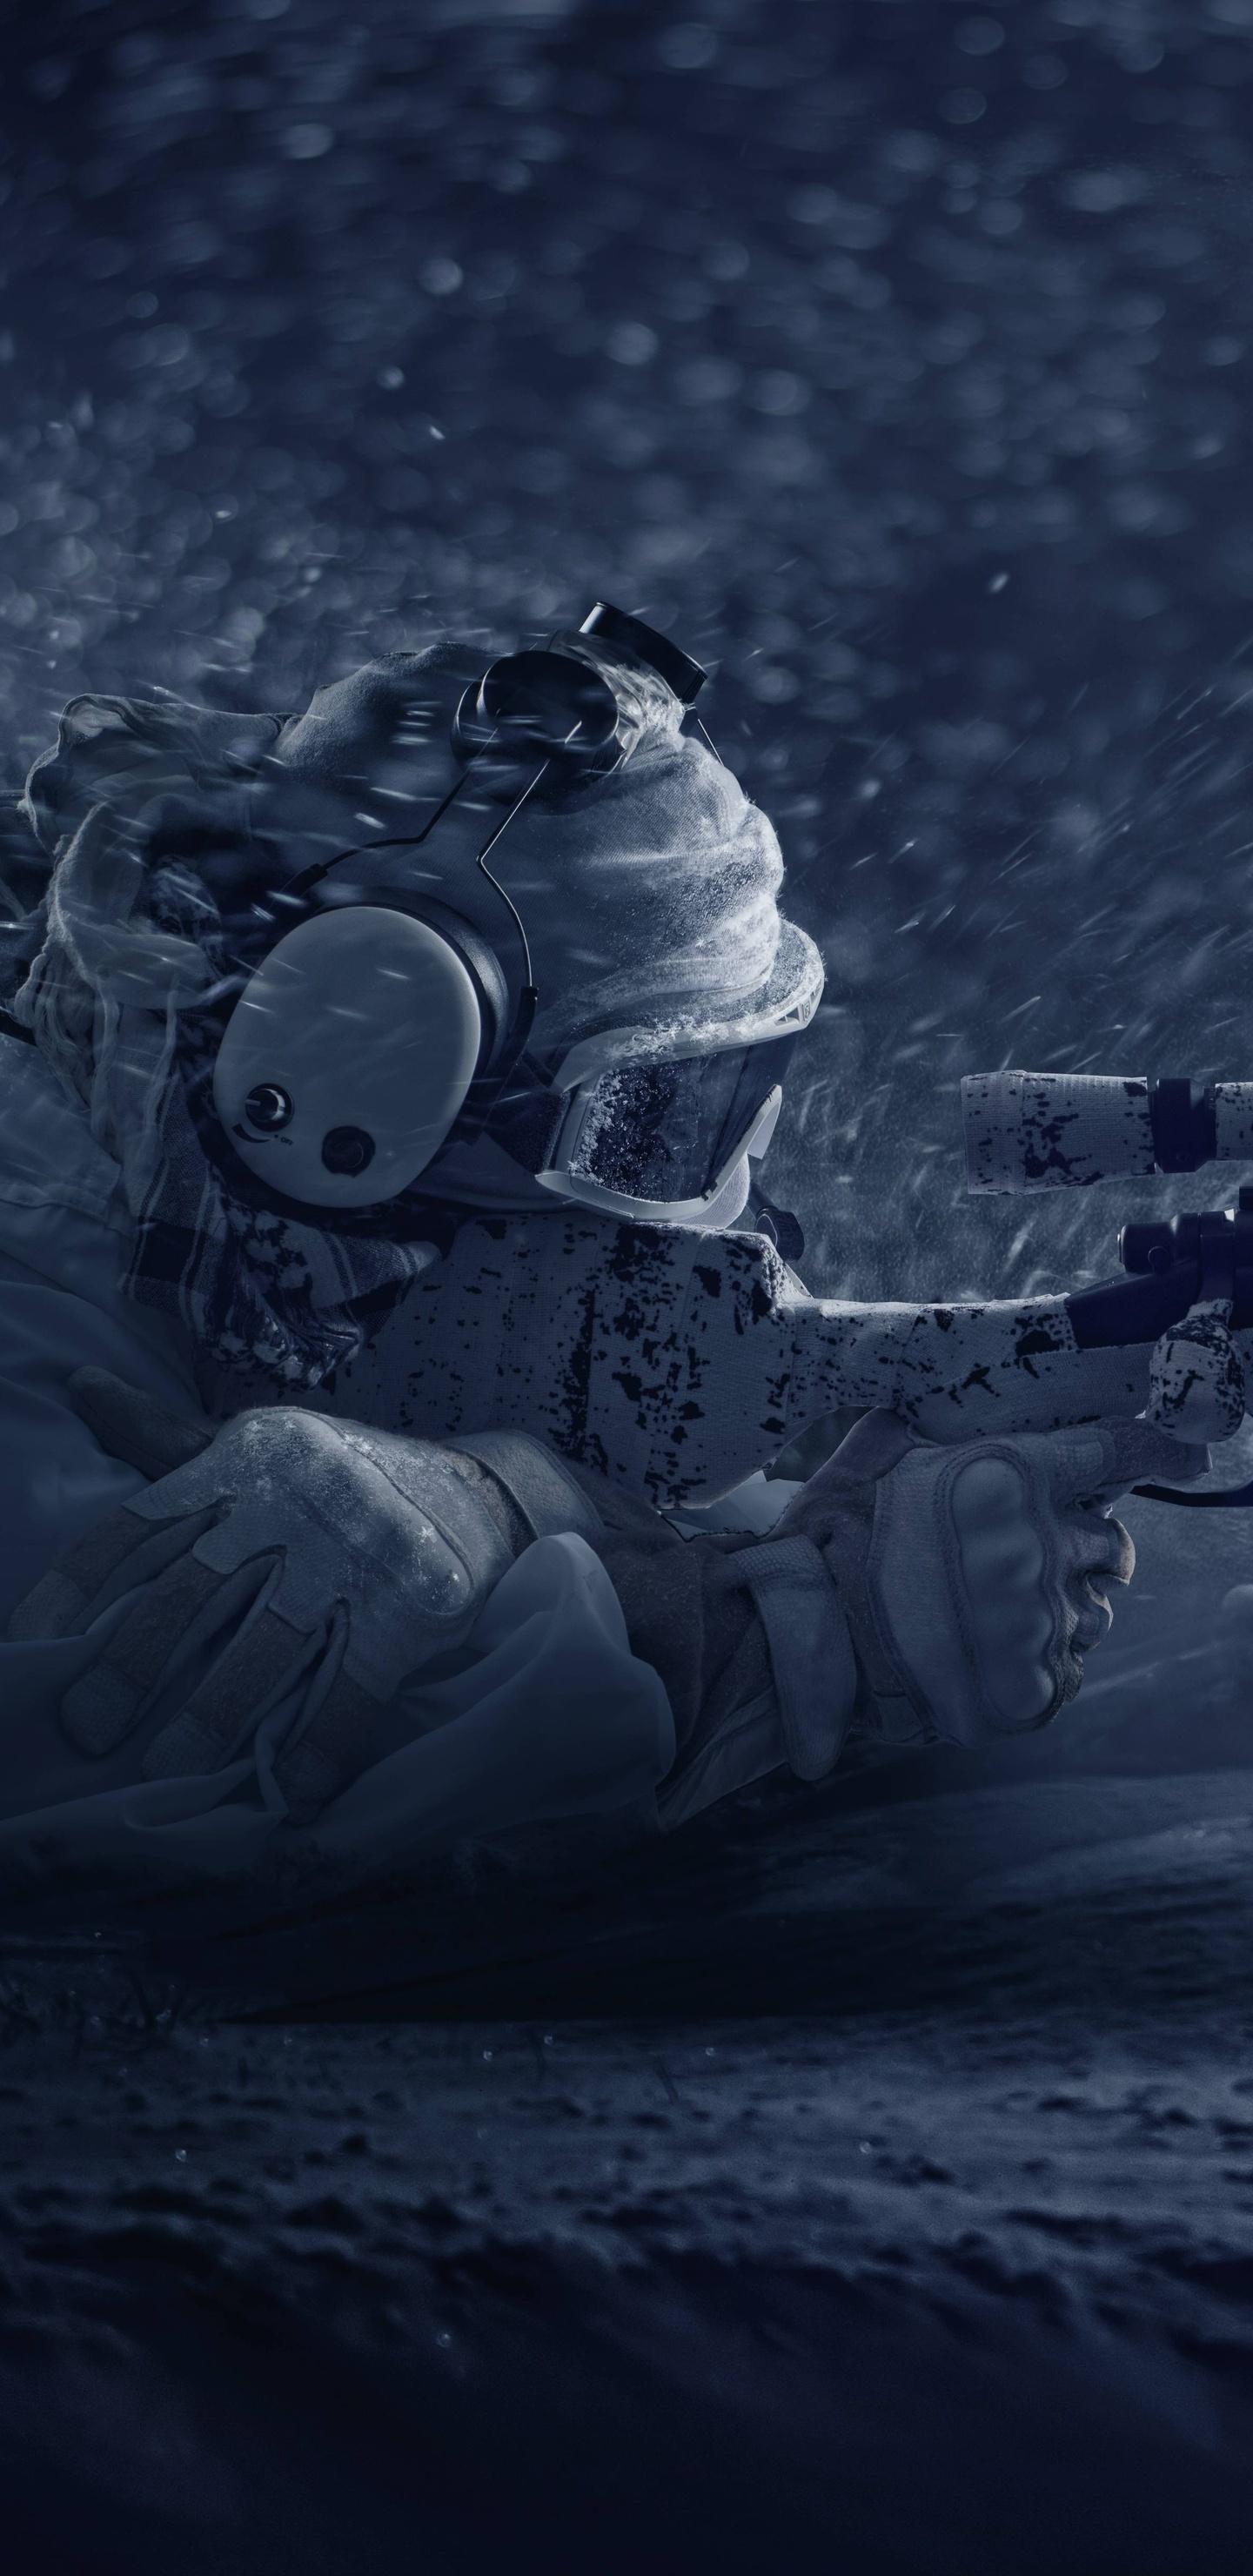 1440x2960 Tom Clancys Rainbow Six Siege Black Ice 8k Samsung Galaxy